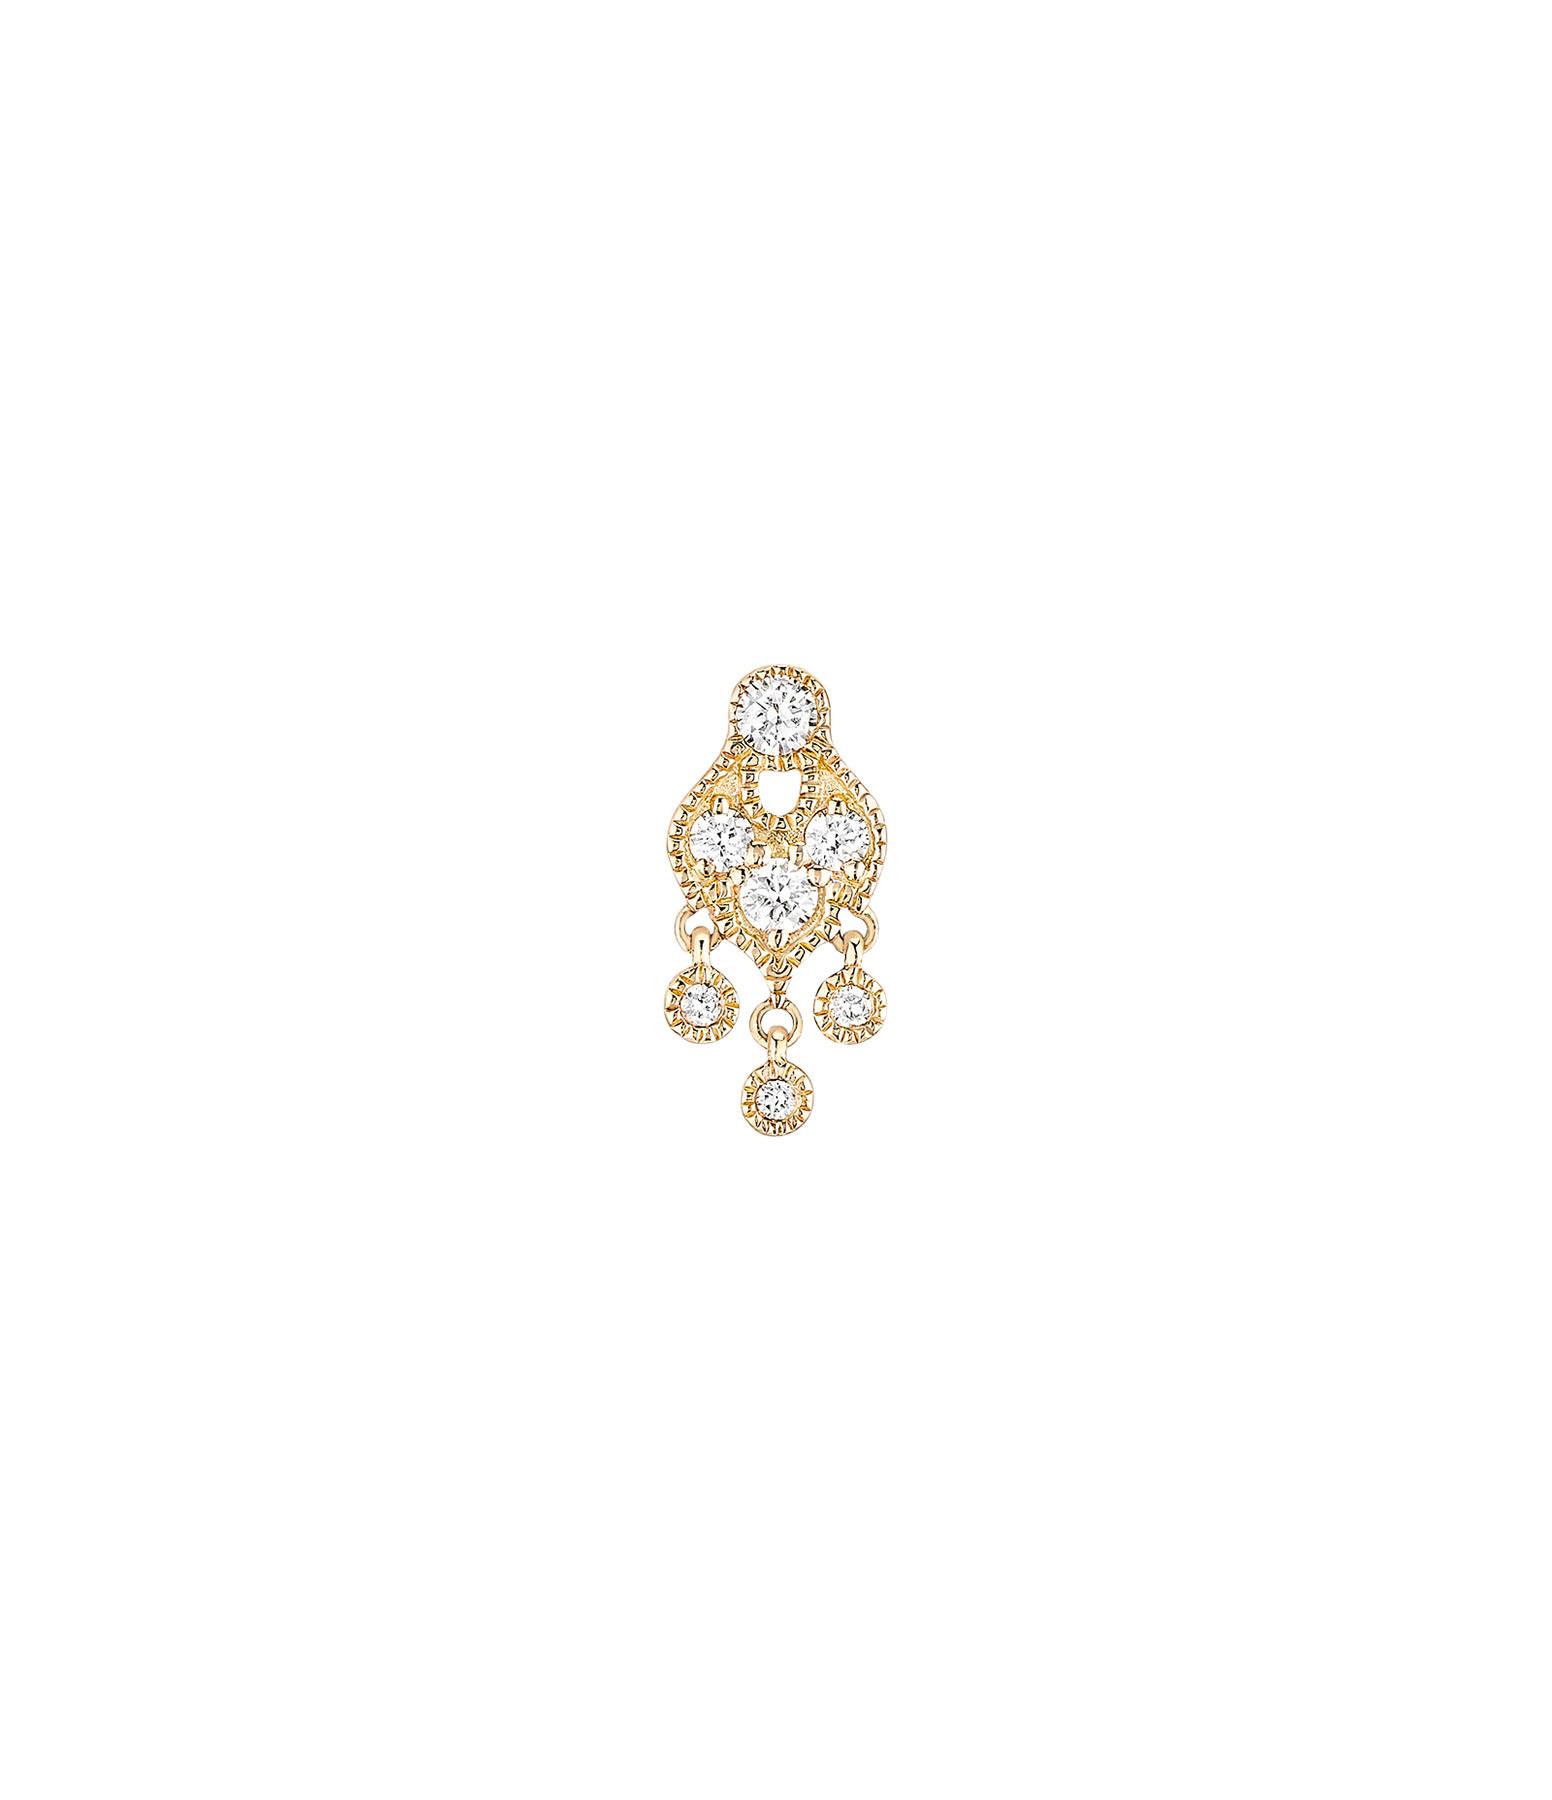 STONE PARIS - Boucle d'oreille Bouton Sultane Or Diamants (vendue à l'unité)